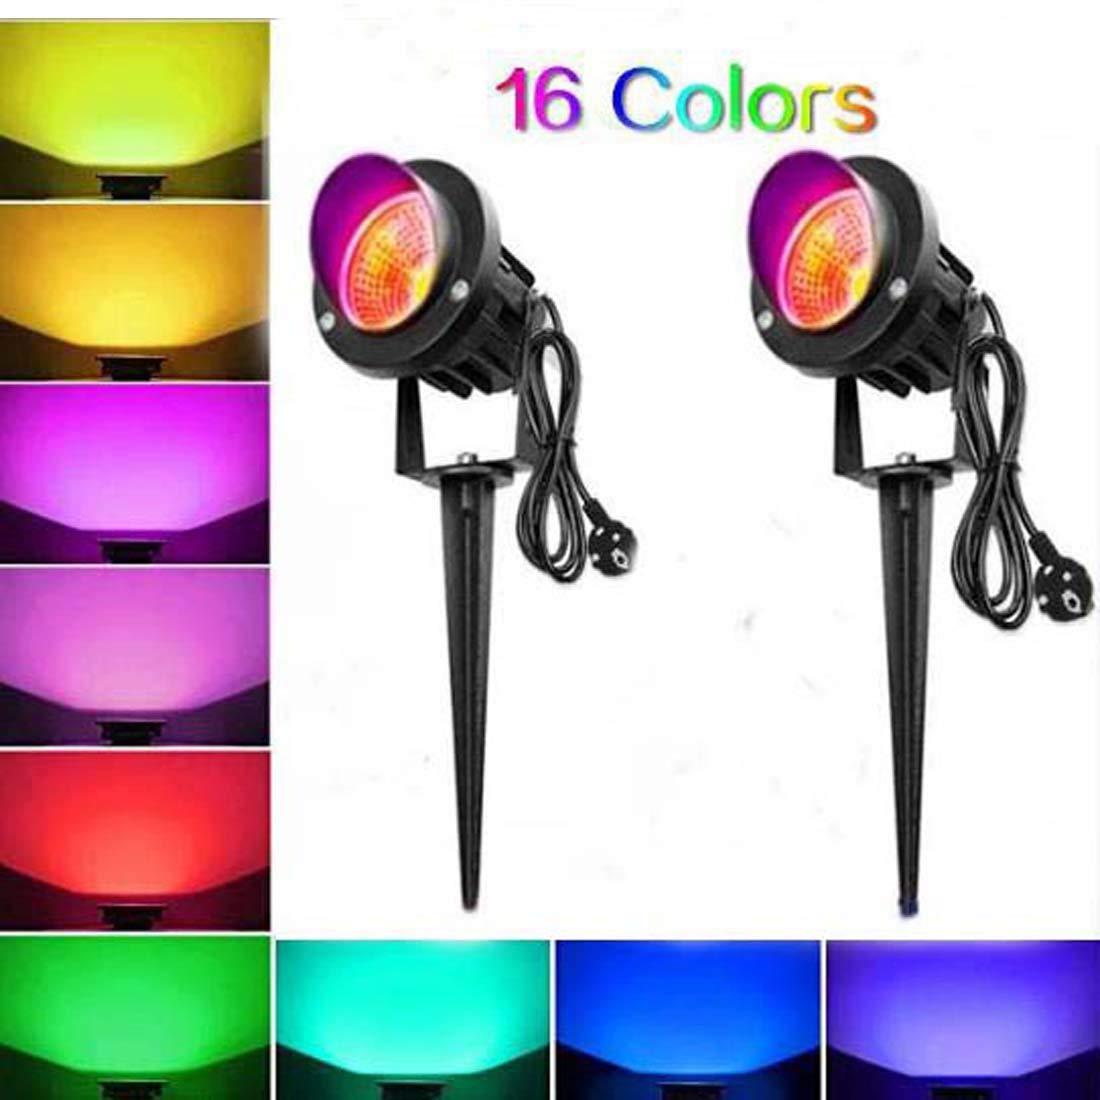 Morwealth Juego de 2 focos LED de 10 W RGB para jardín con enchufe,Proyector Exterior Jardin, iluminación LED para jardín, lámpara de jardín, foco de jardín, foco de césped: Amazon.es: Iluminación